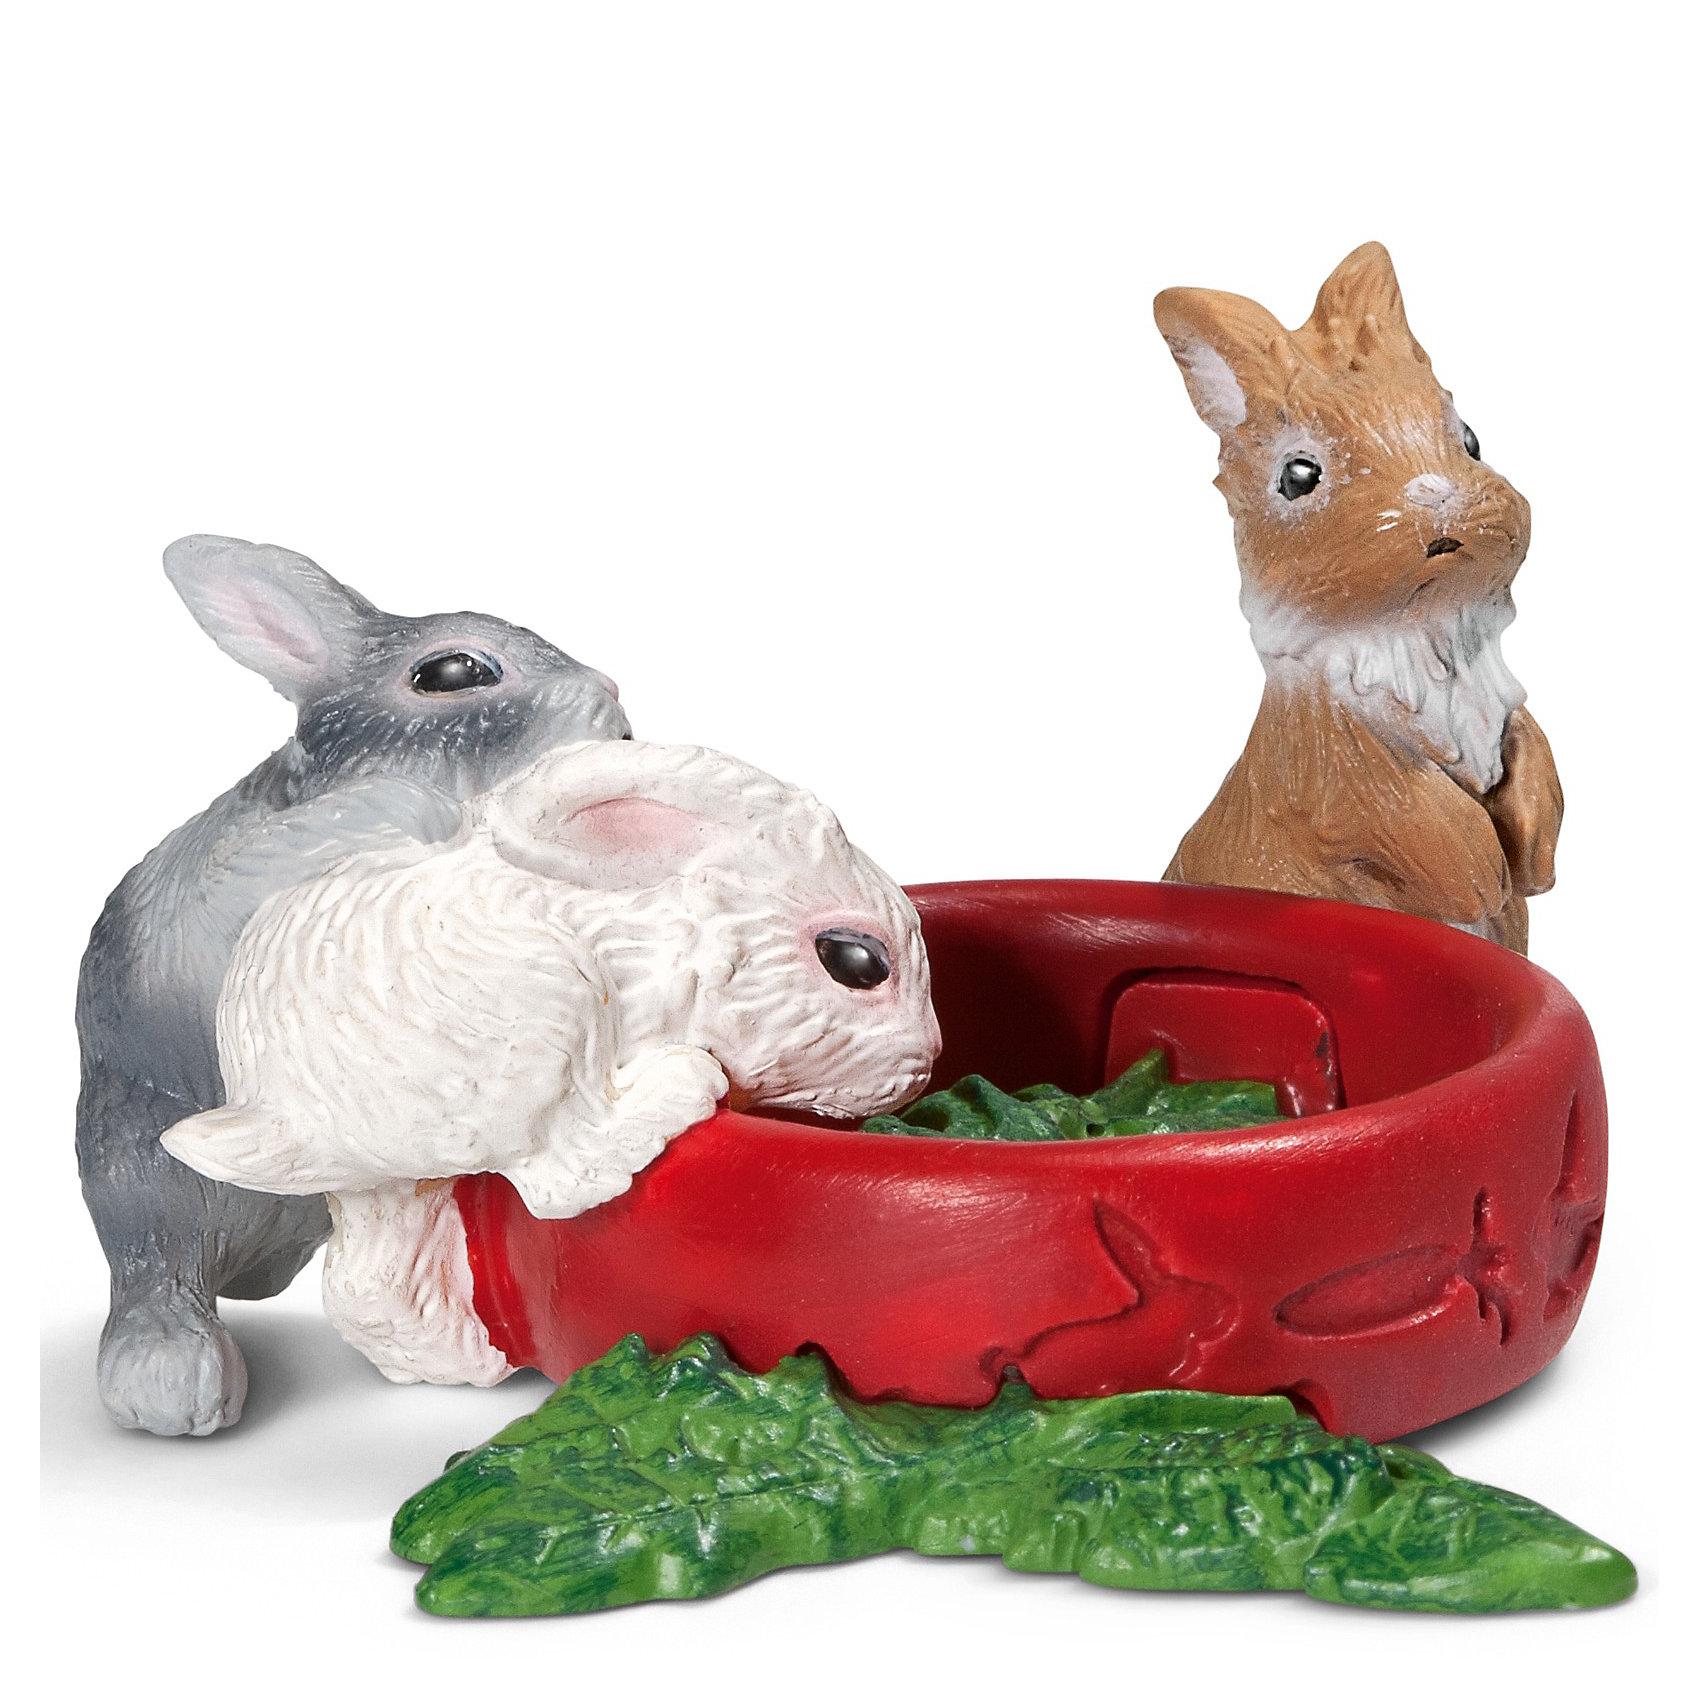 Schleich Schleich Зайчата. Серия Домашние животные schleich schleich зайчата серия домашние животные